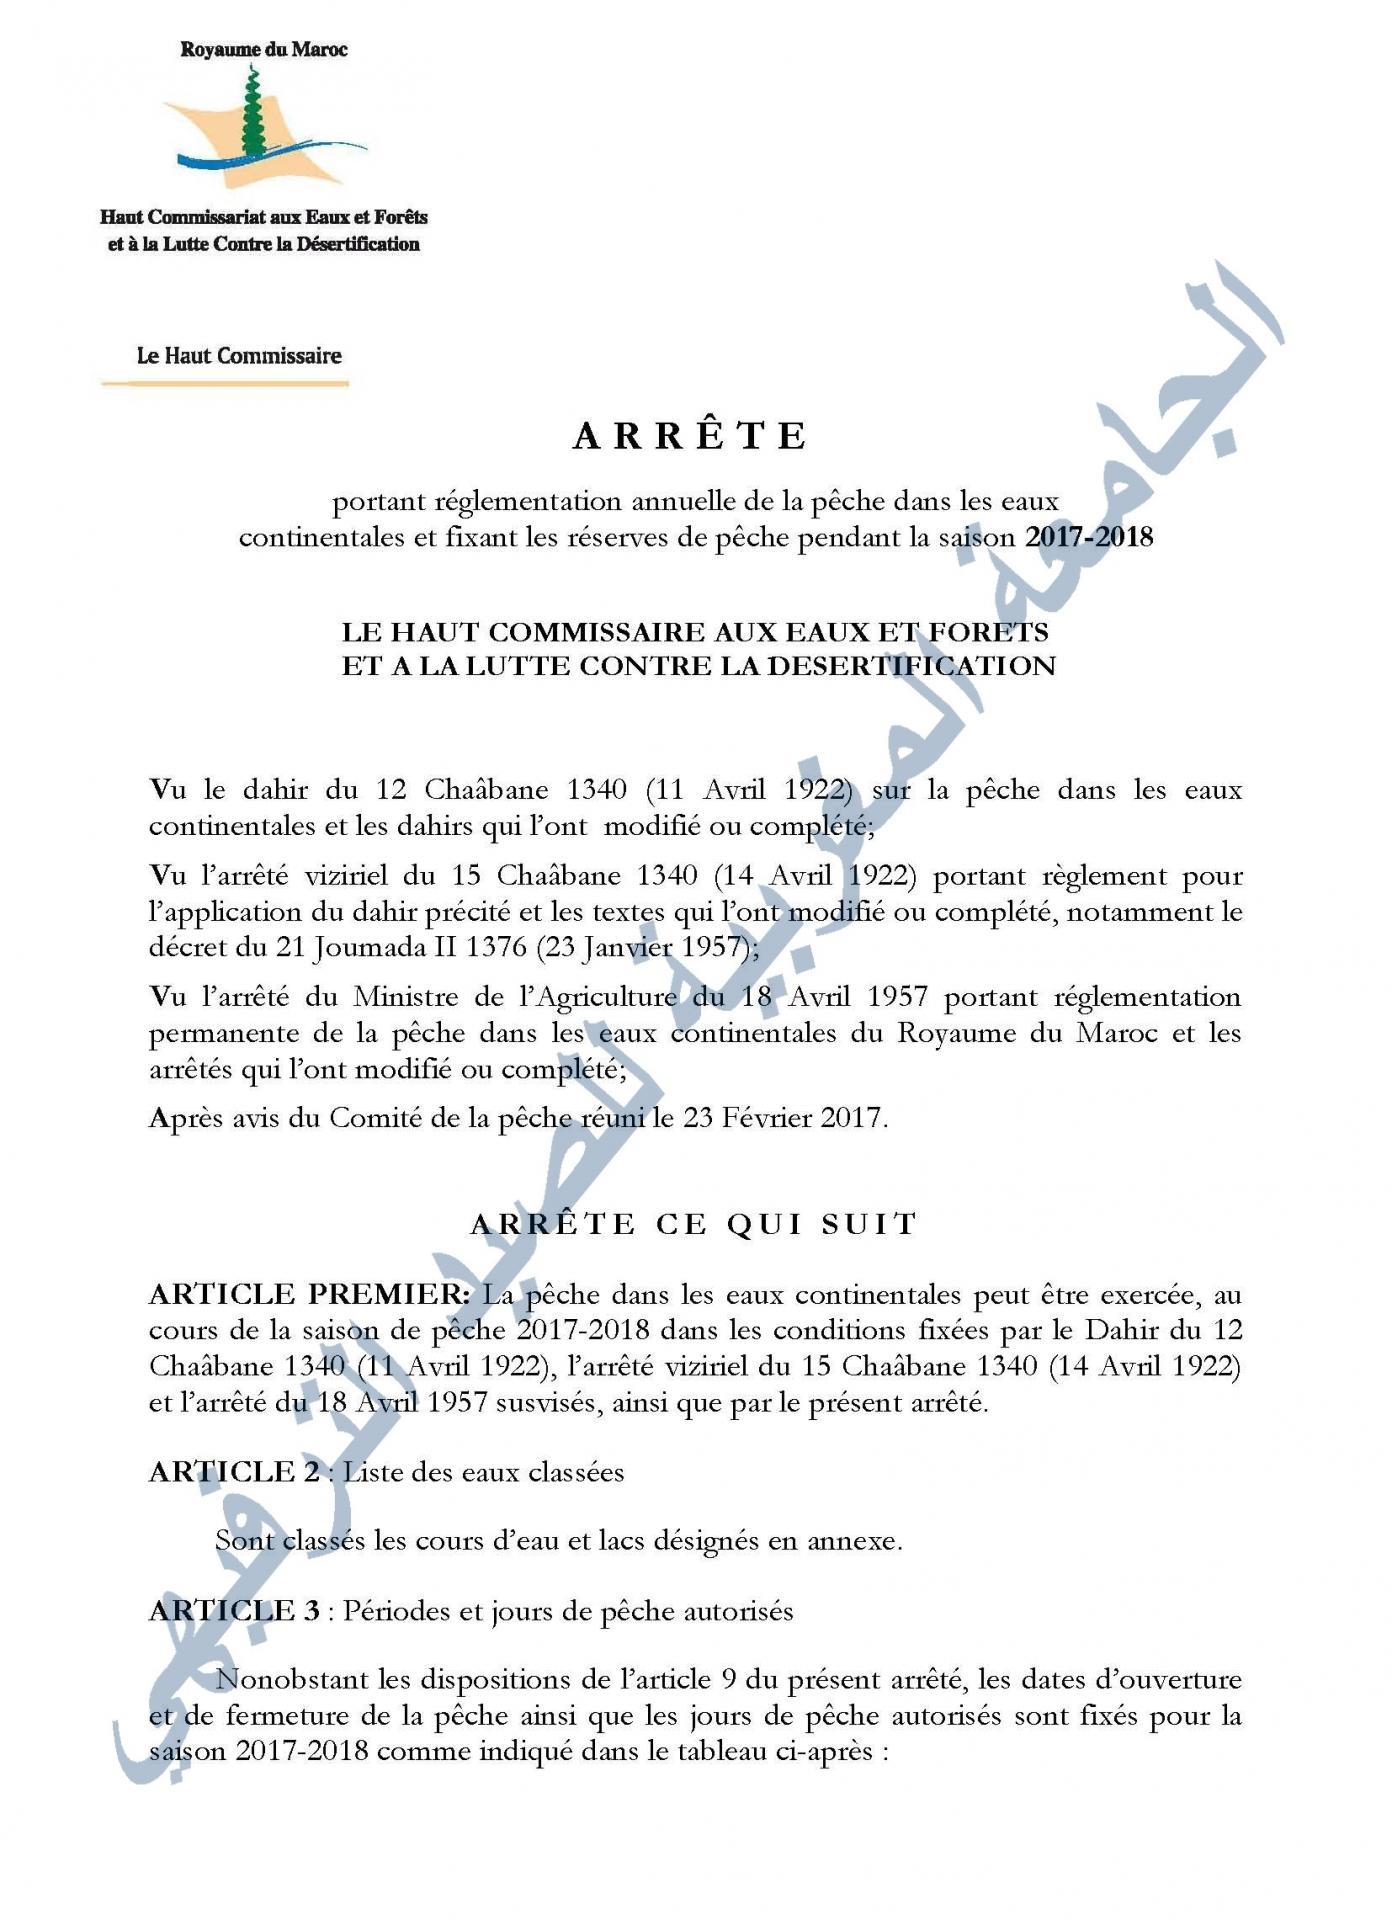 Arrete 17 18 page